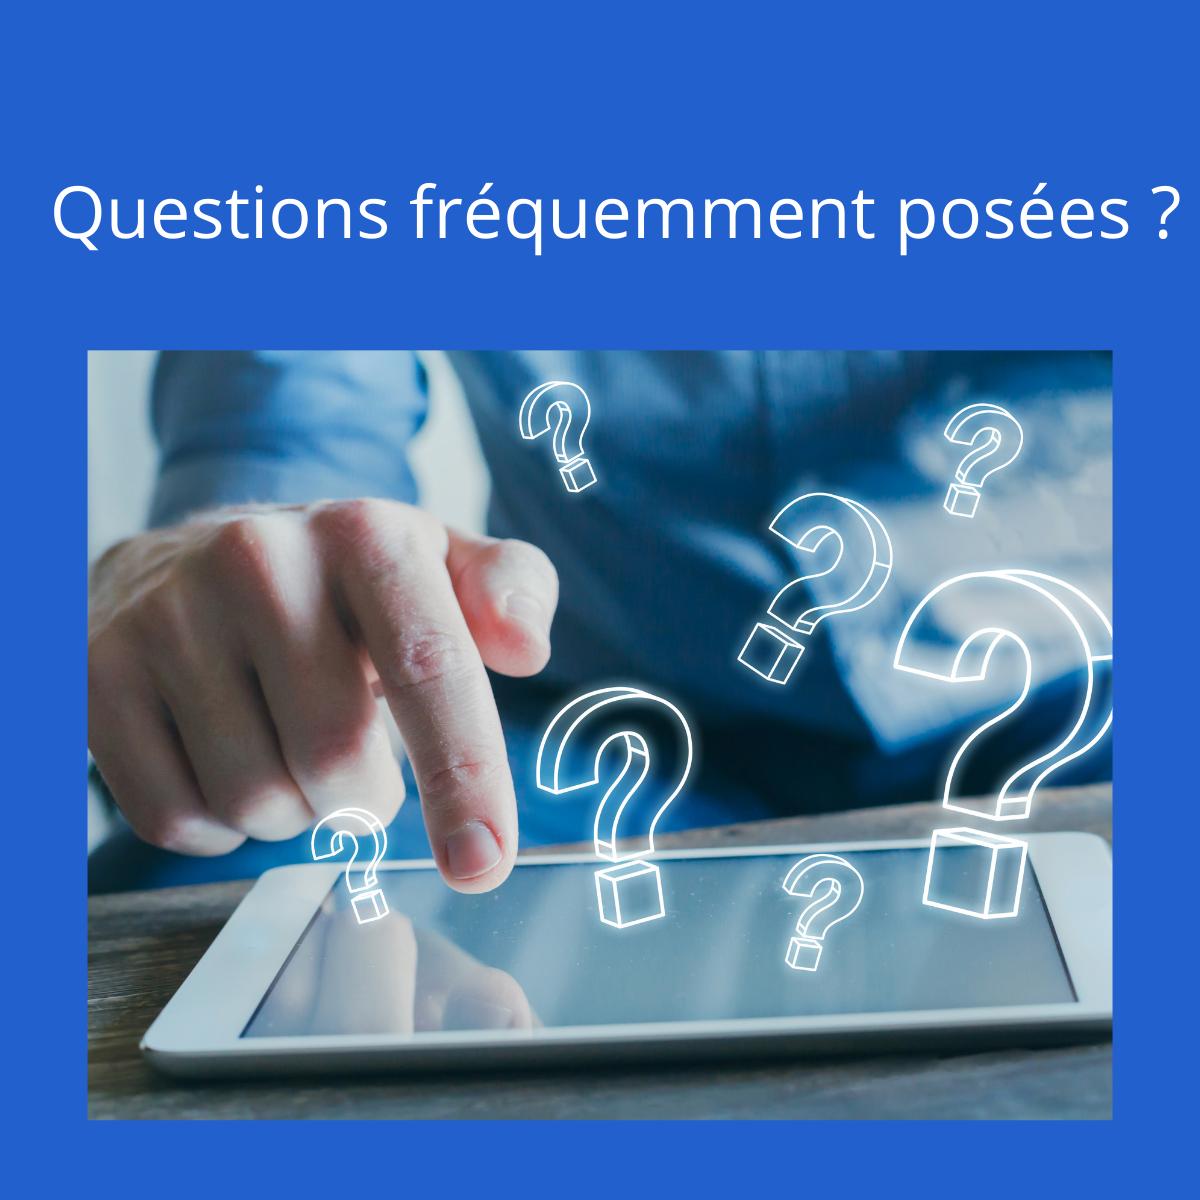 Questions fréquemment posées sur l'expertise.